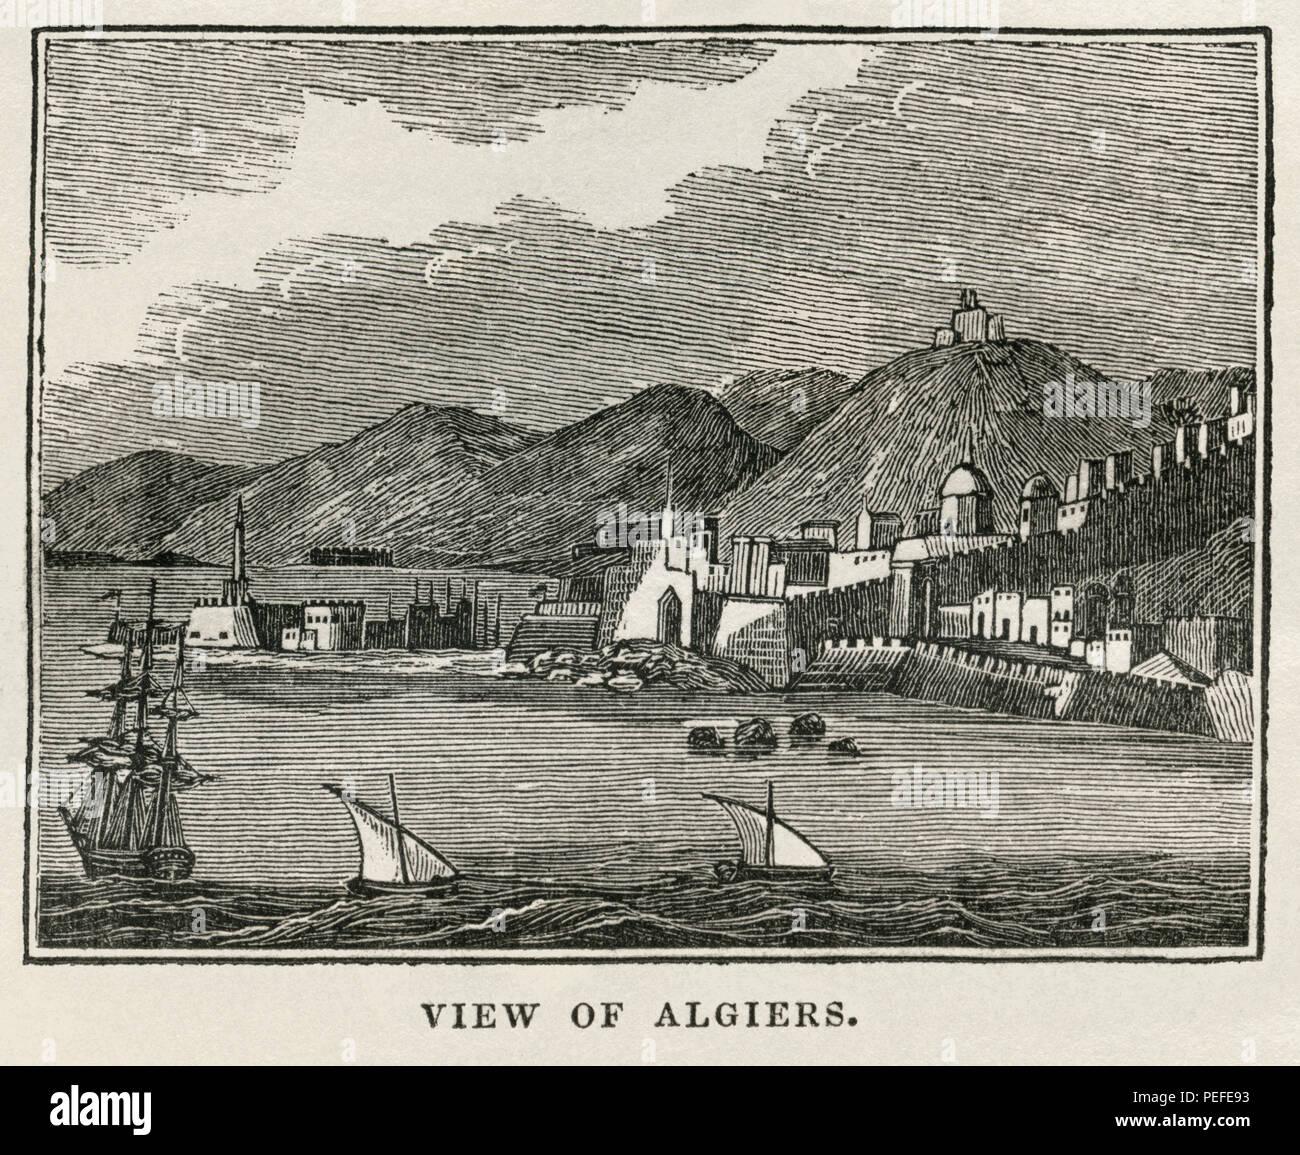 Anzeigen von Algier, Illustration aus dem Buch, historische Kabinett, LINKS Junge Publisher, New Haven, 1834 Stockbild